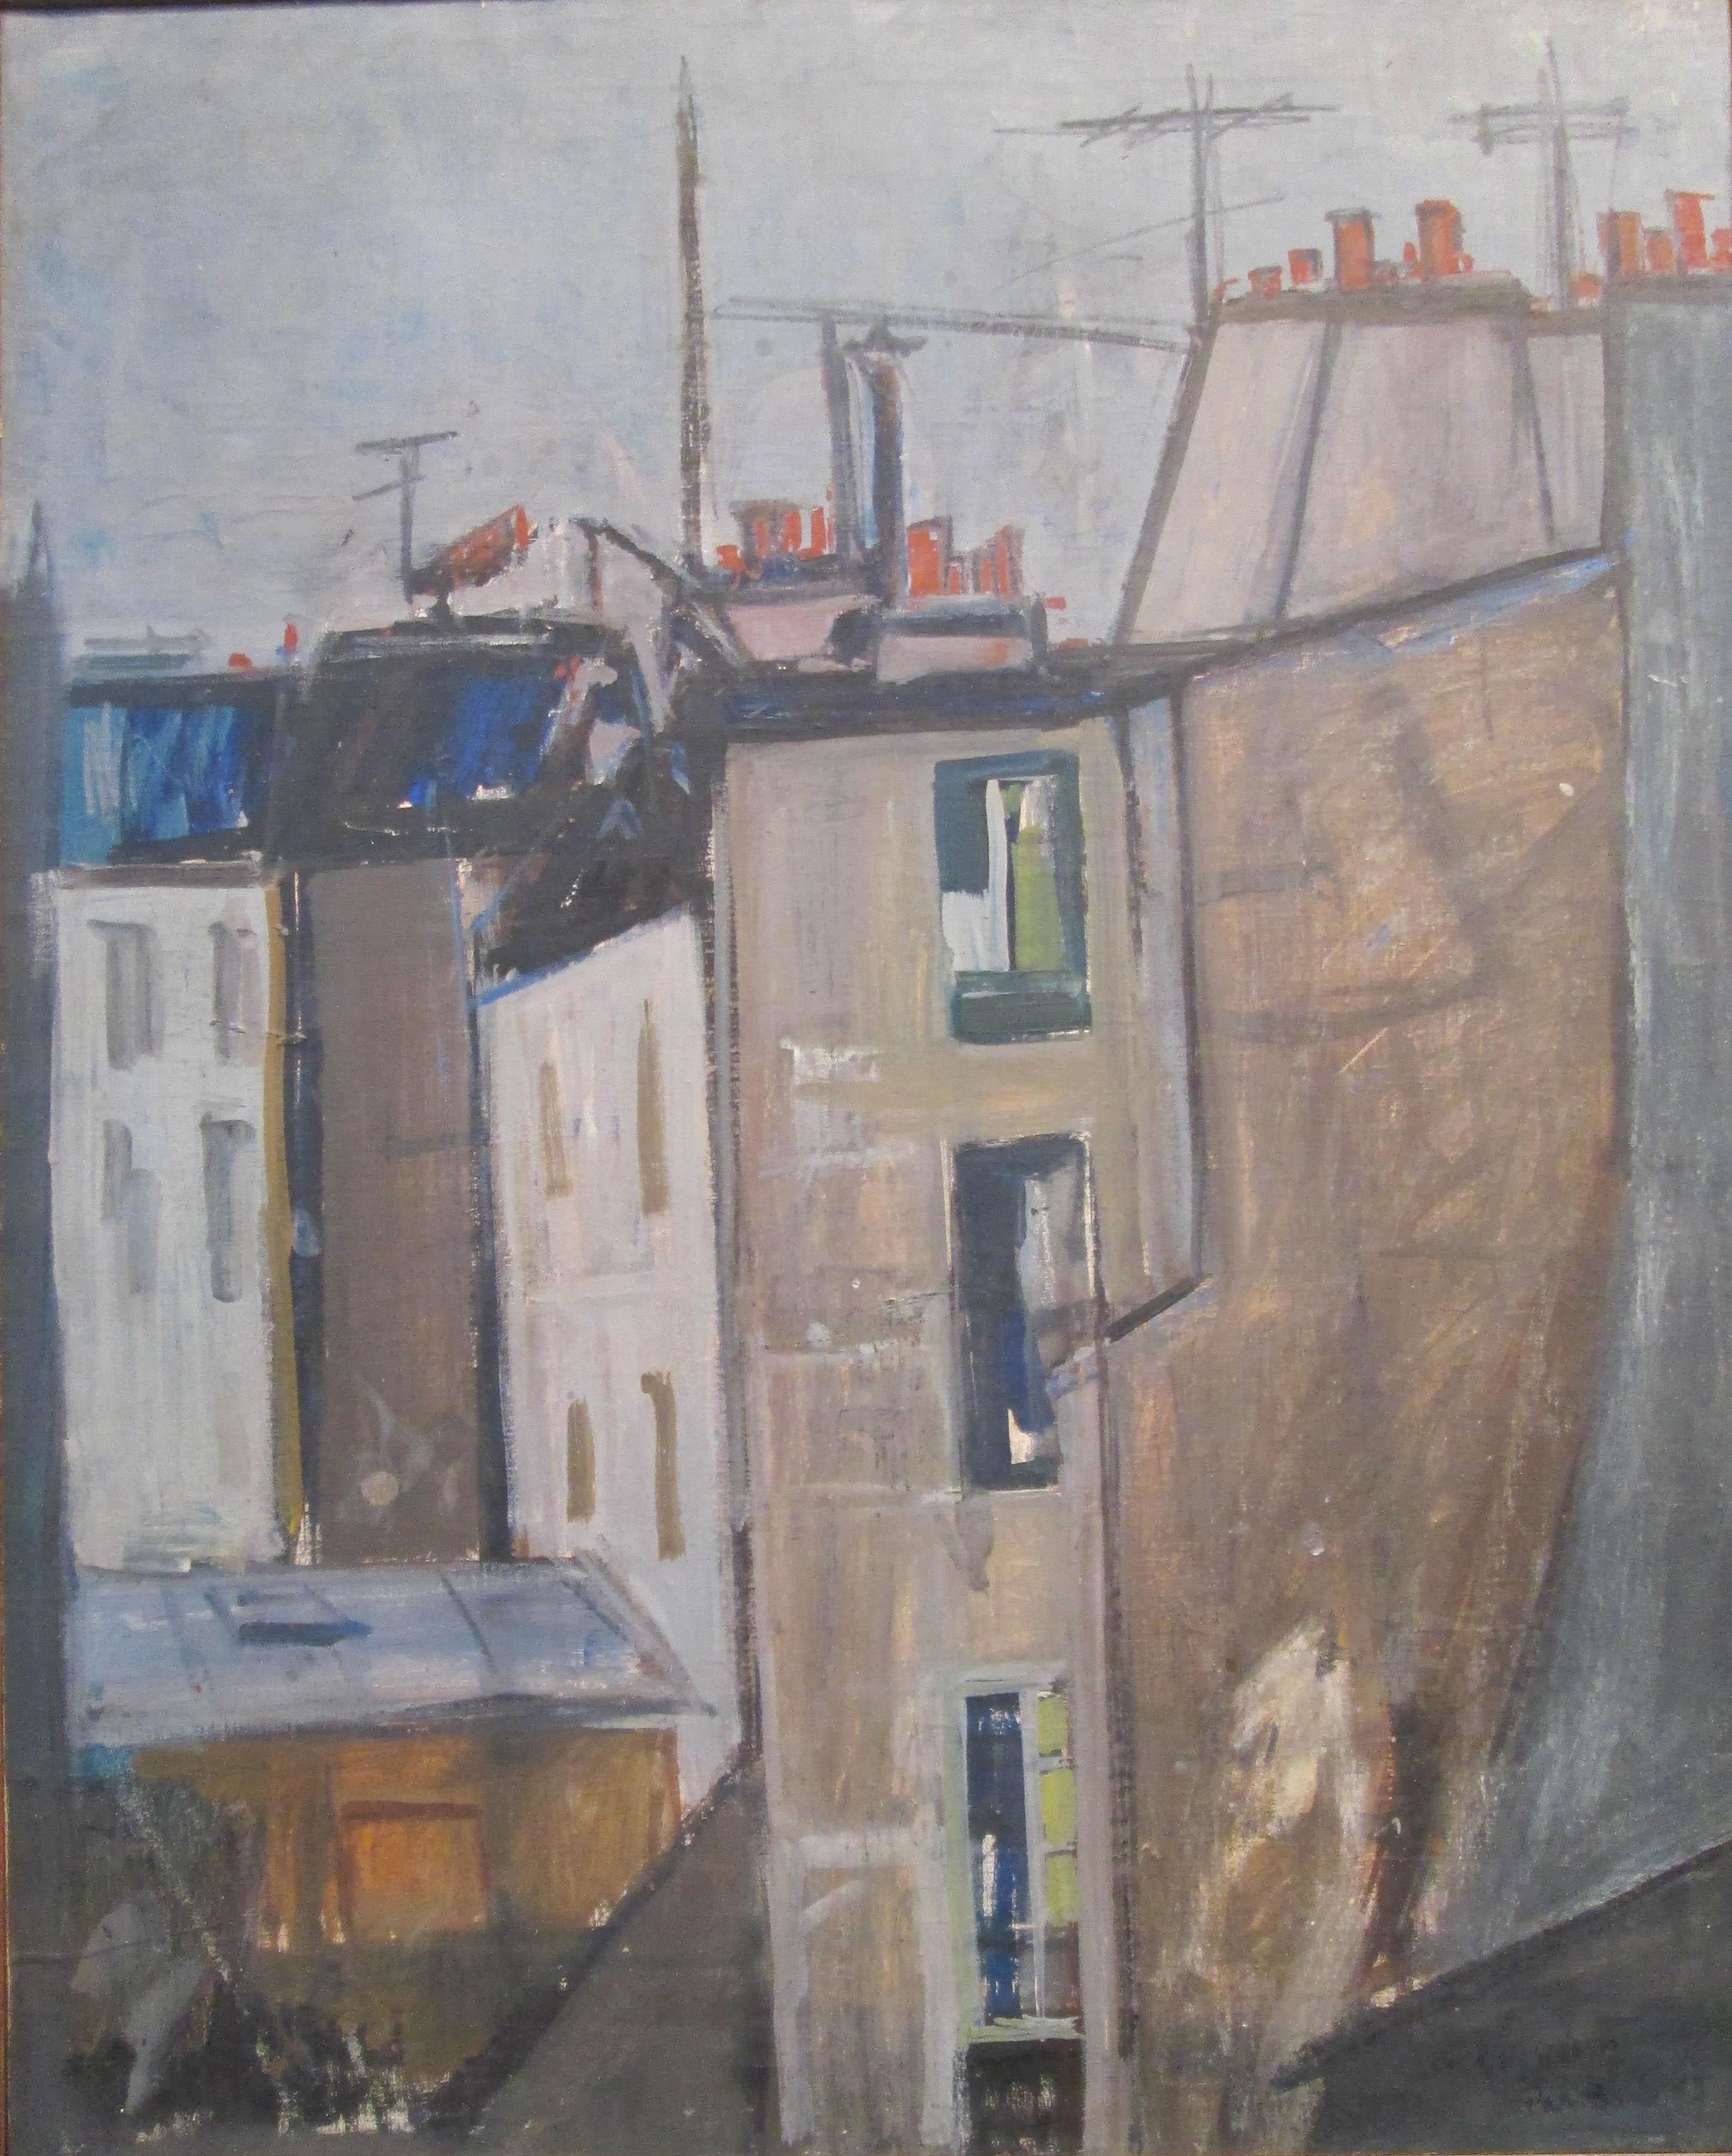 Pejzash Od Paris- Cena Na Umetnikot 3800 Evra